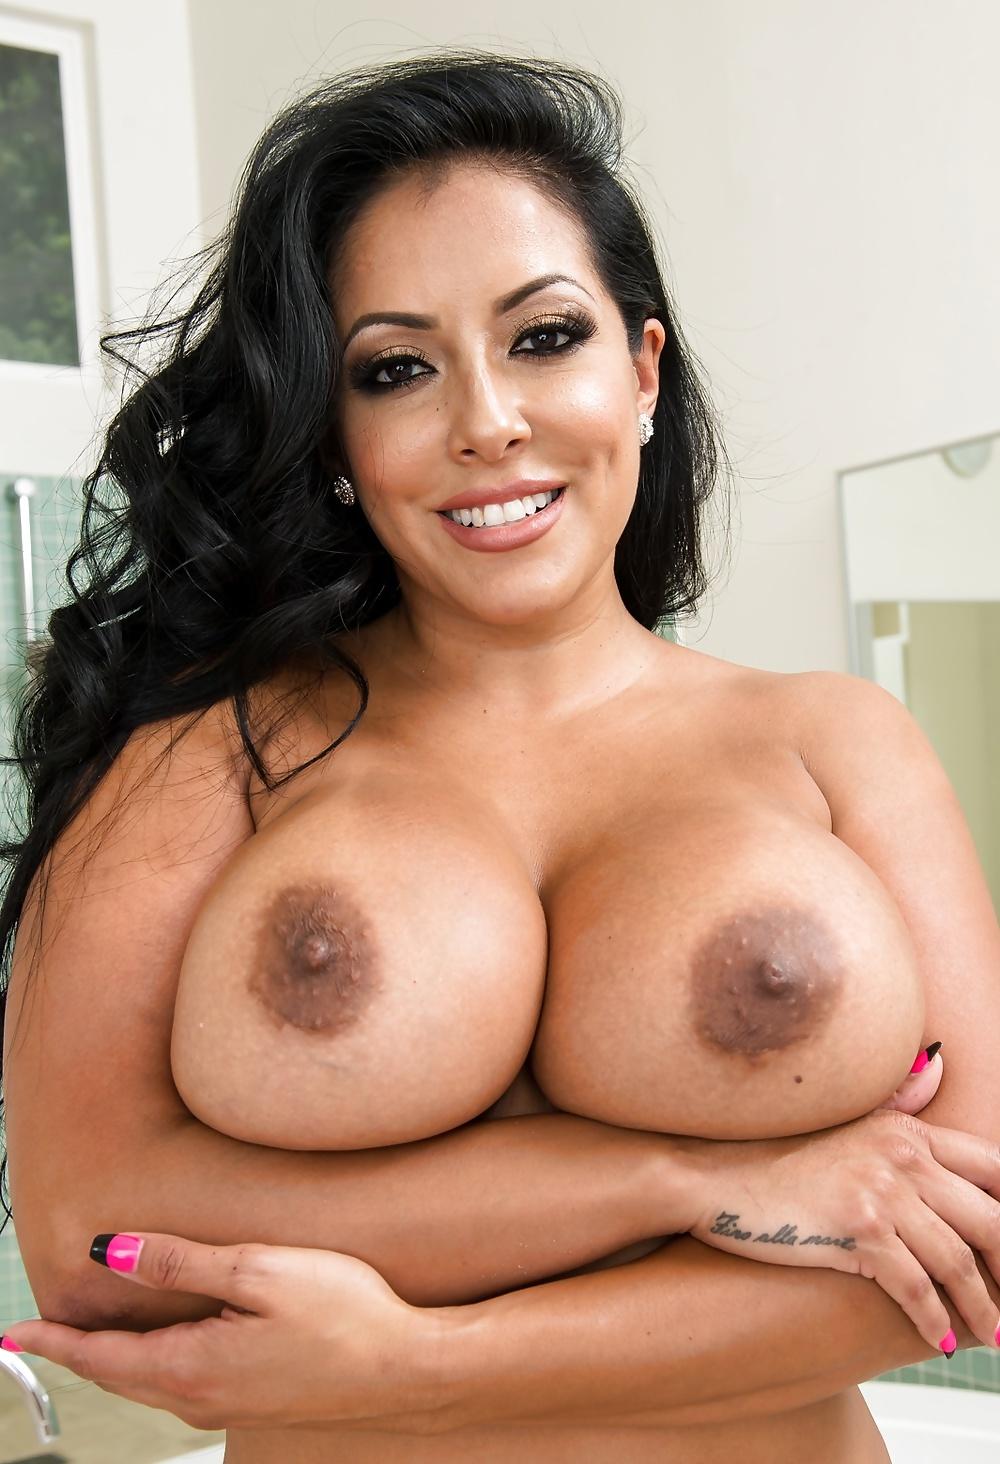 Latin Girls Big Tits